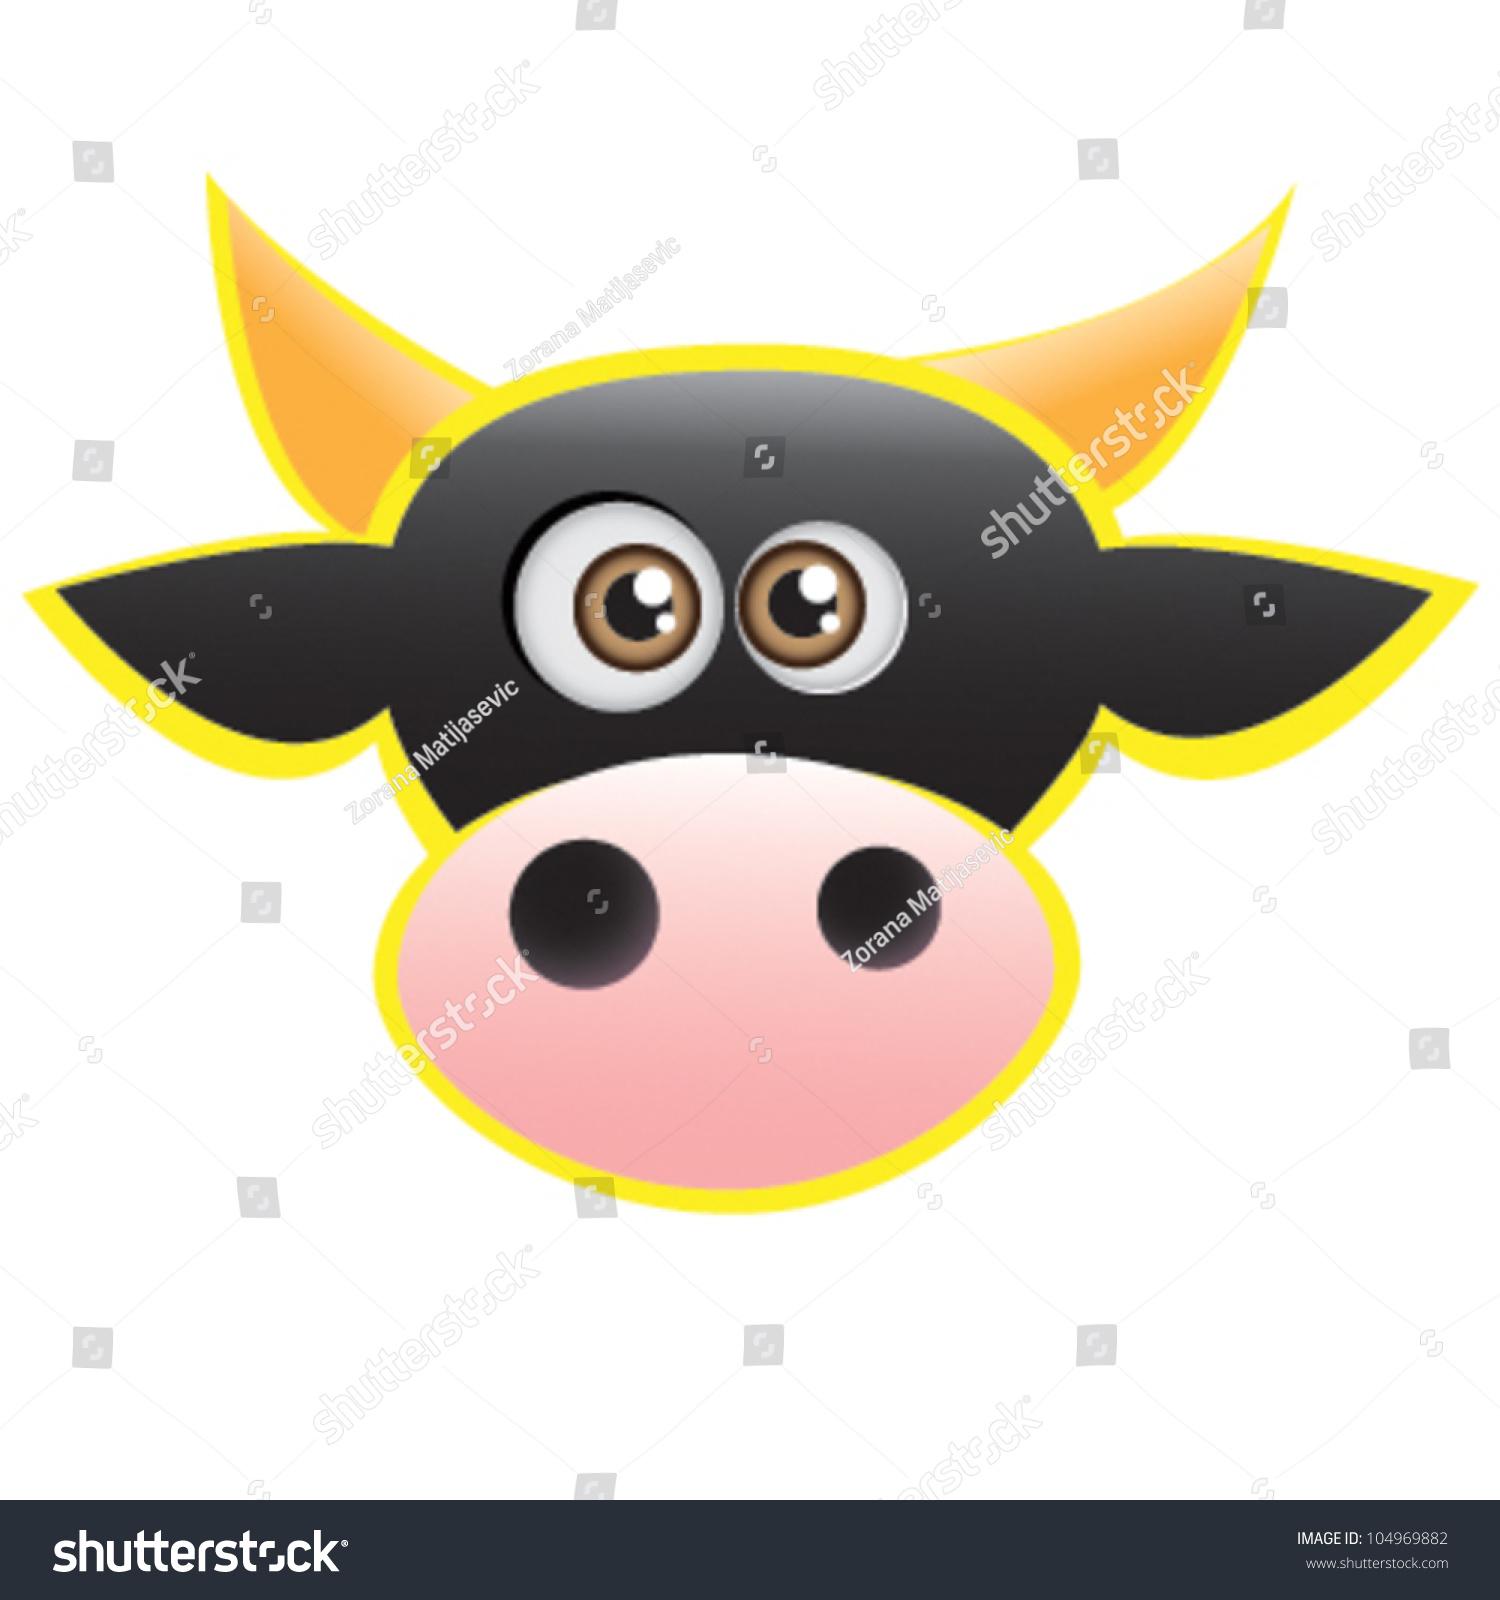 可爱的牛贴纸-动物/野生生物,艺术-海洛创意(hellorf)